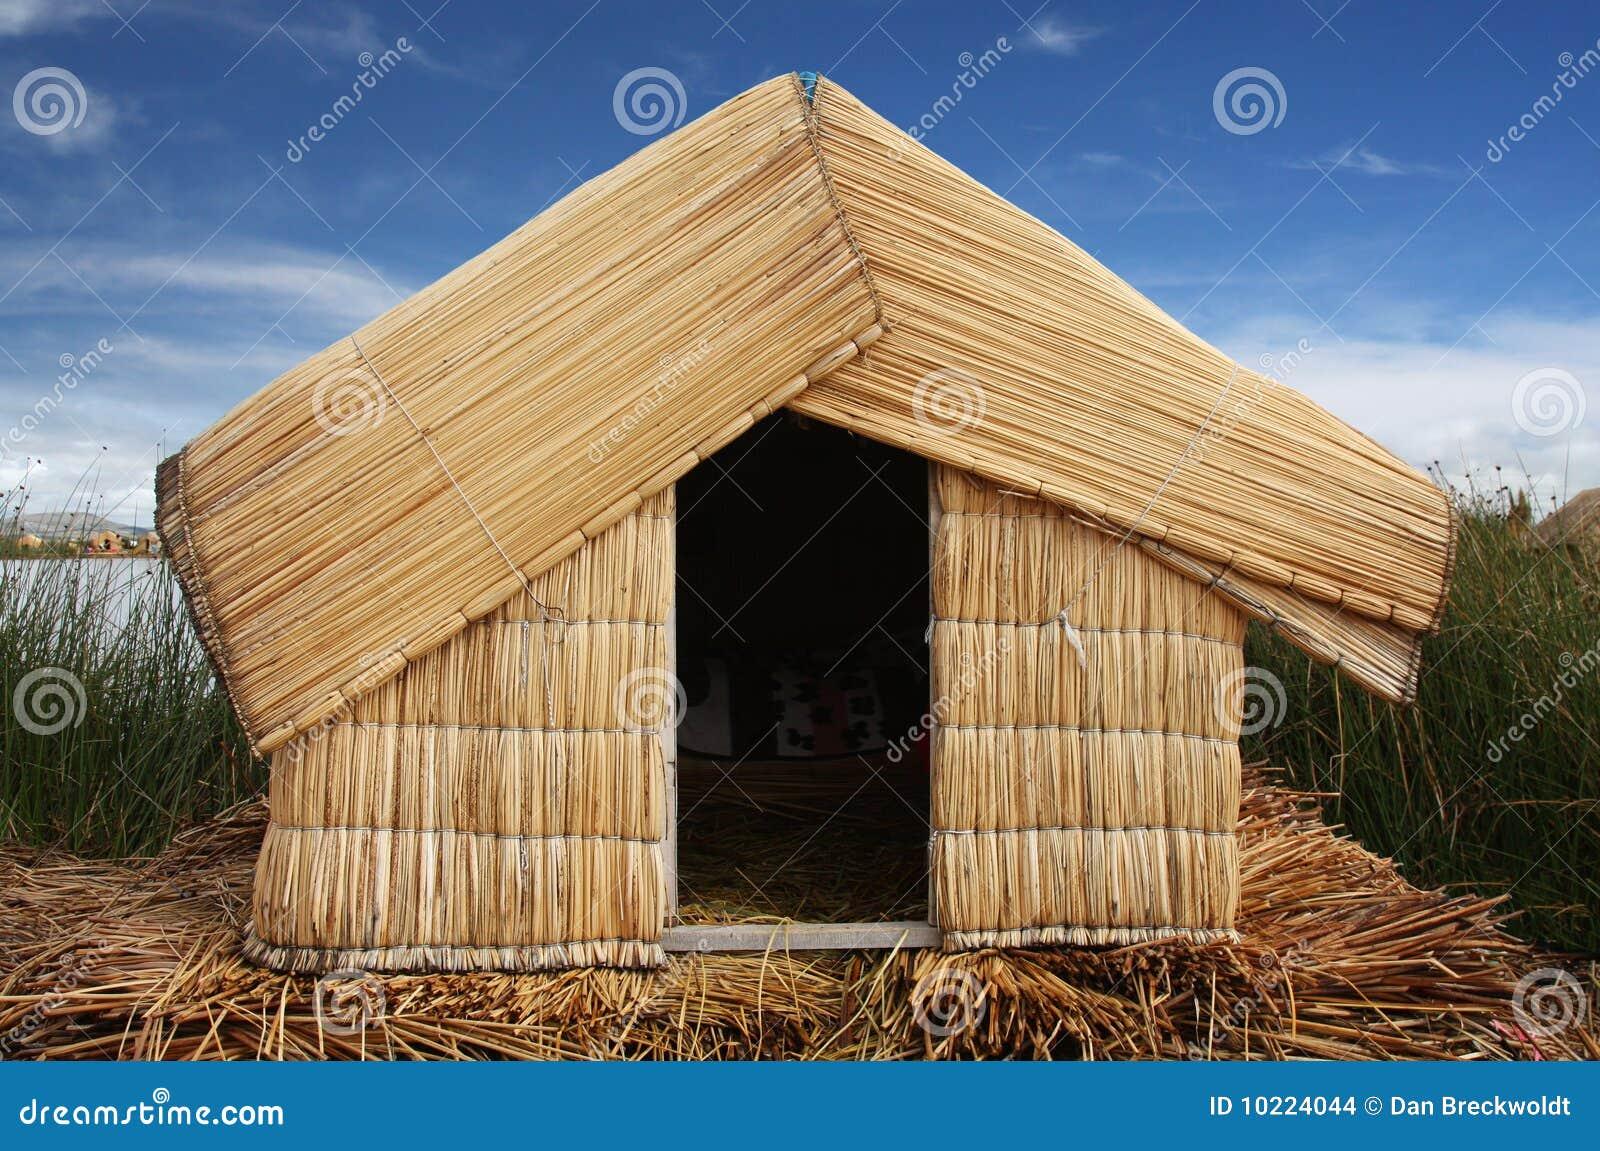 Reed Hut On Lake Titicaca Peru Stock Photo Image Of Bolivia